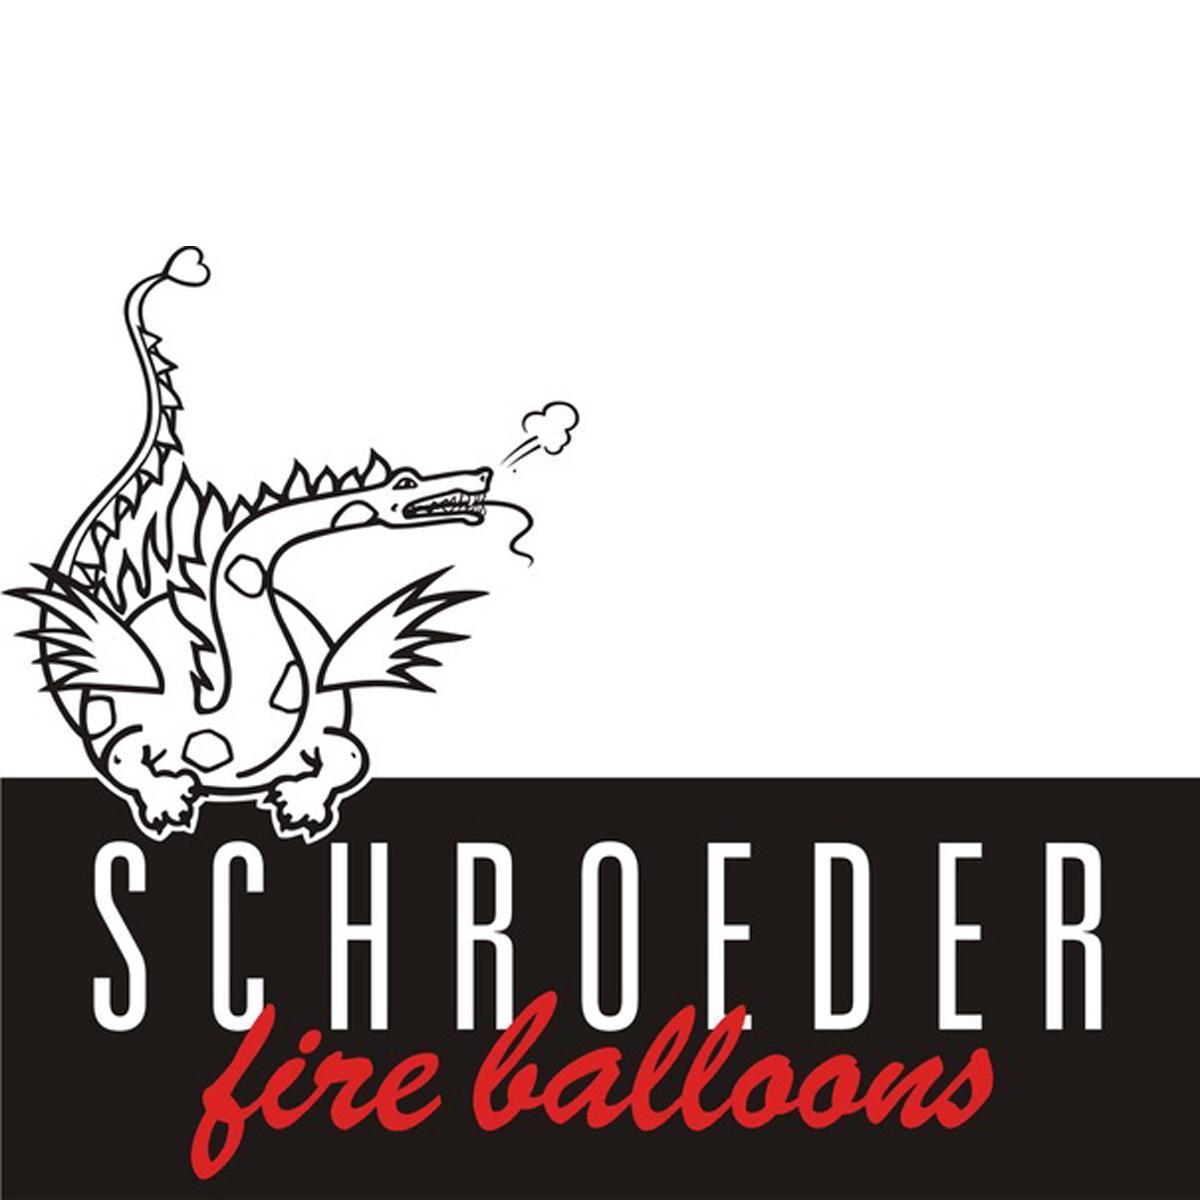 Schroeder2